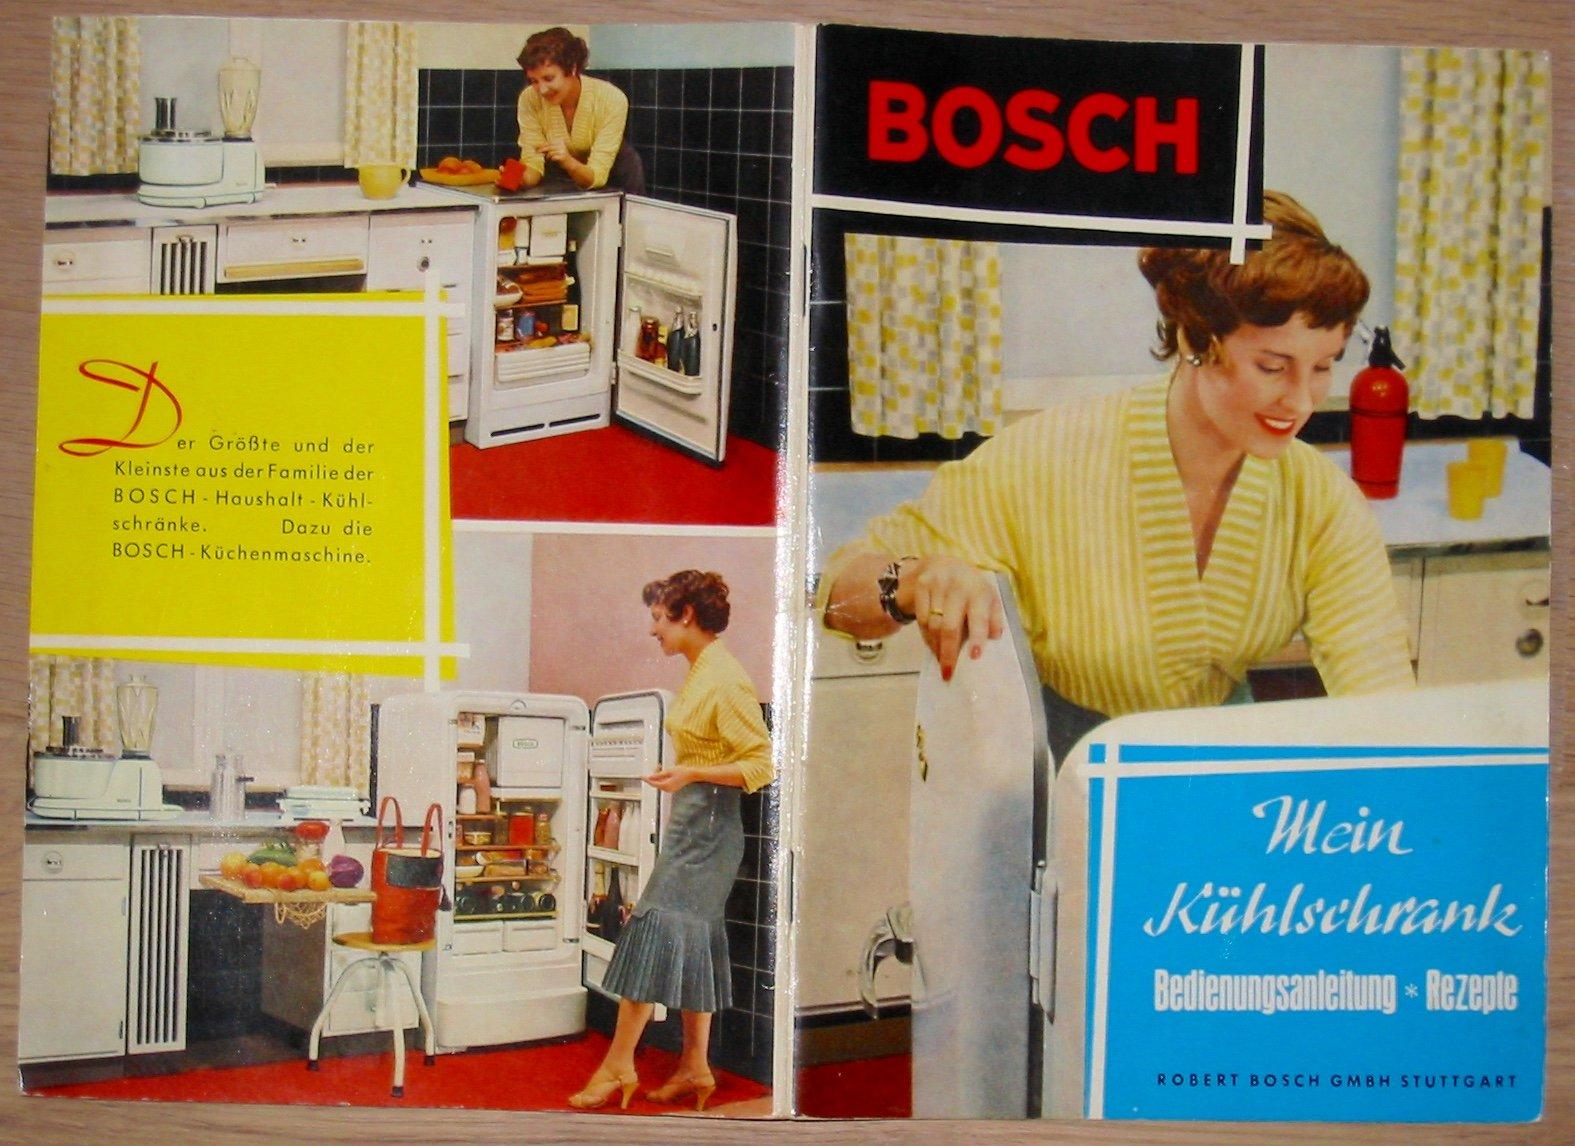 Bosch Kühlschrank Bedienungsanleitung : Bosch mein kühlschrank bedienungsanleitung und rezepte: amazon.de